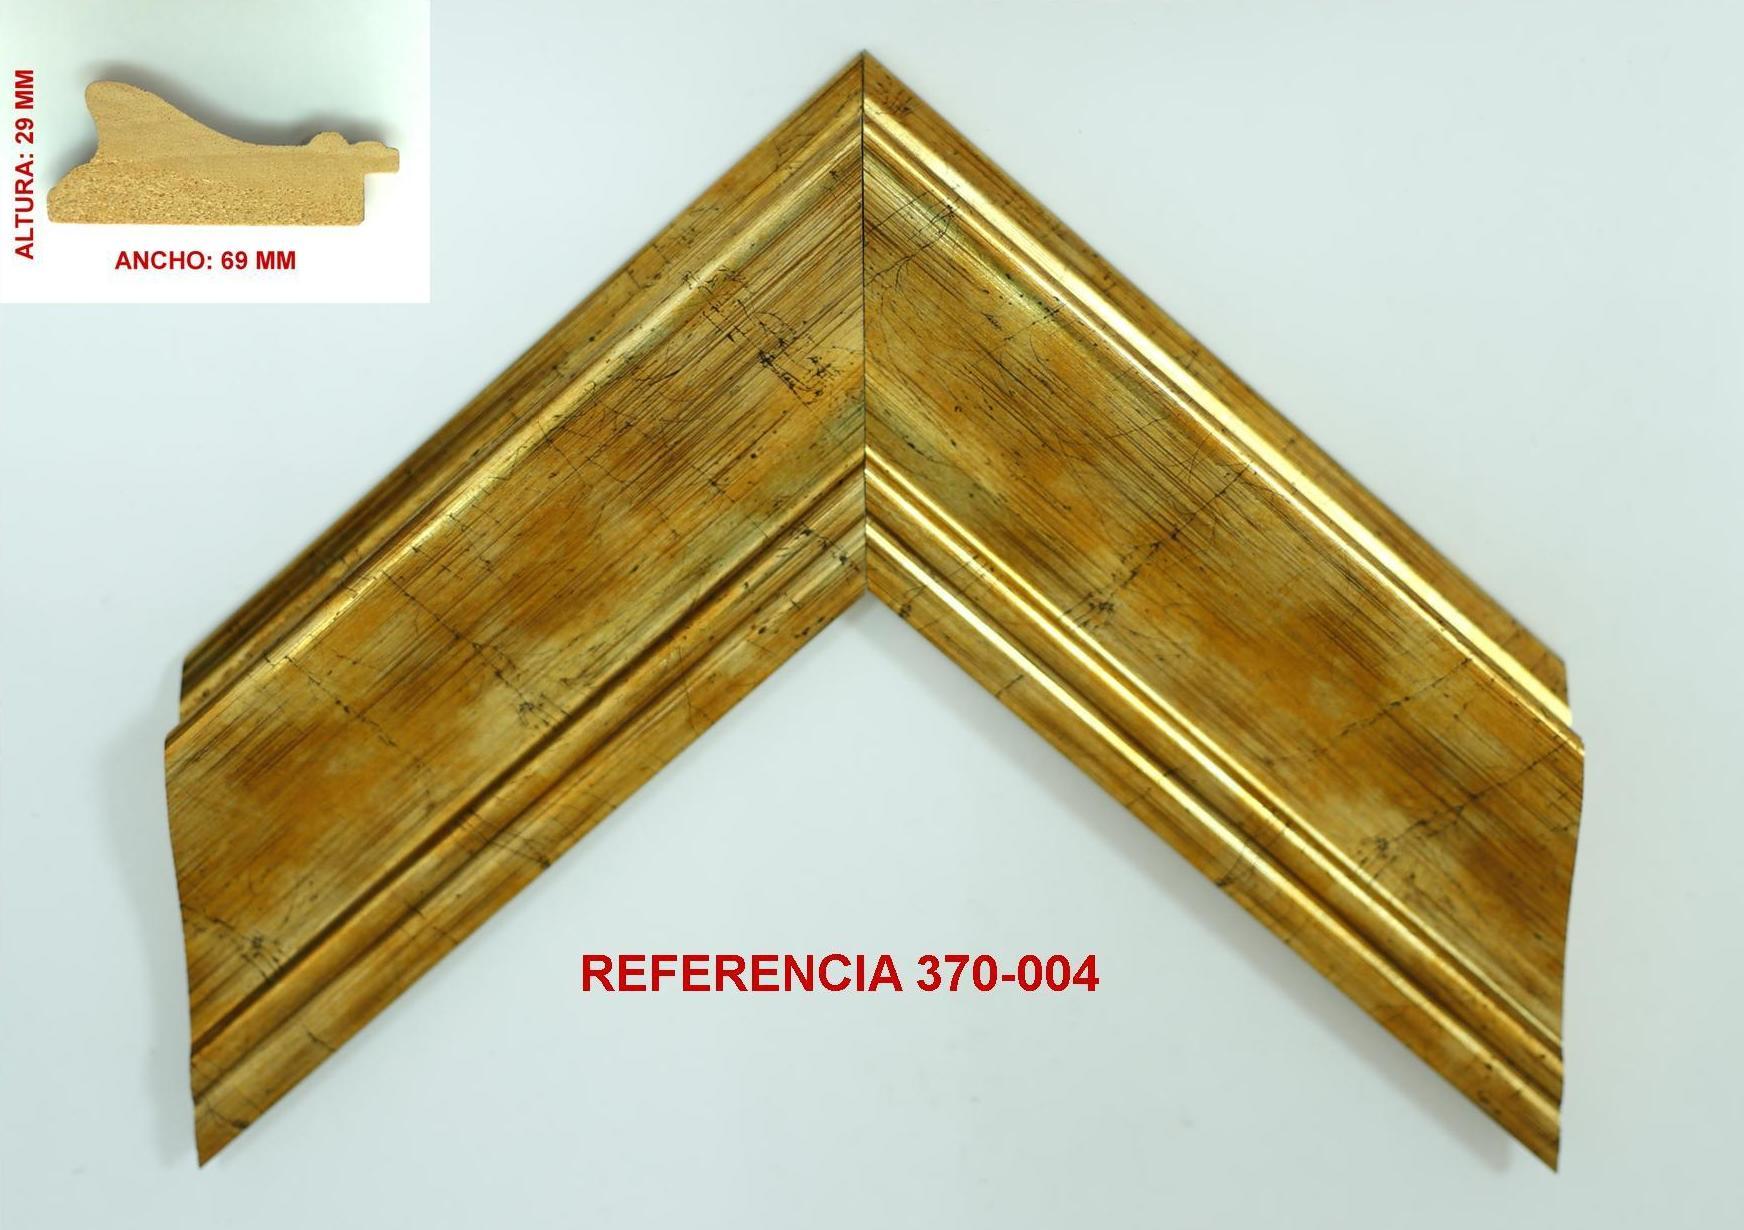 REF 370-004: Muestrario de Moldusevilla